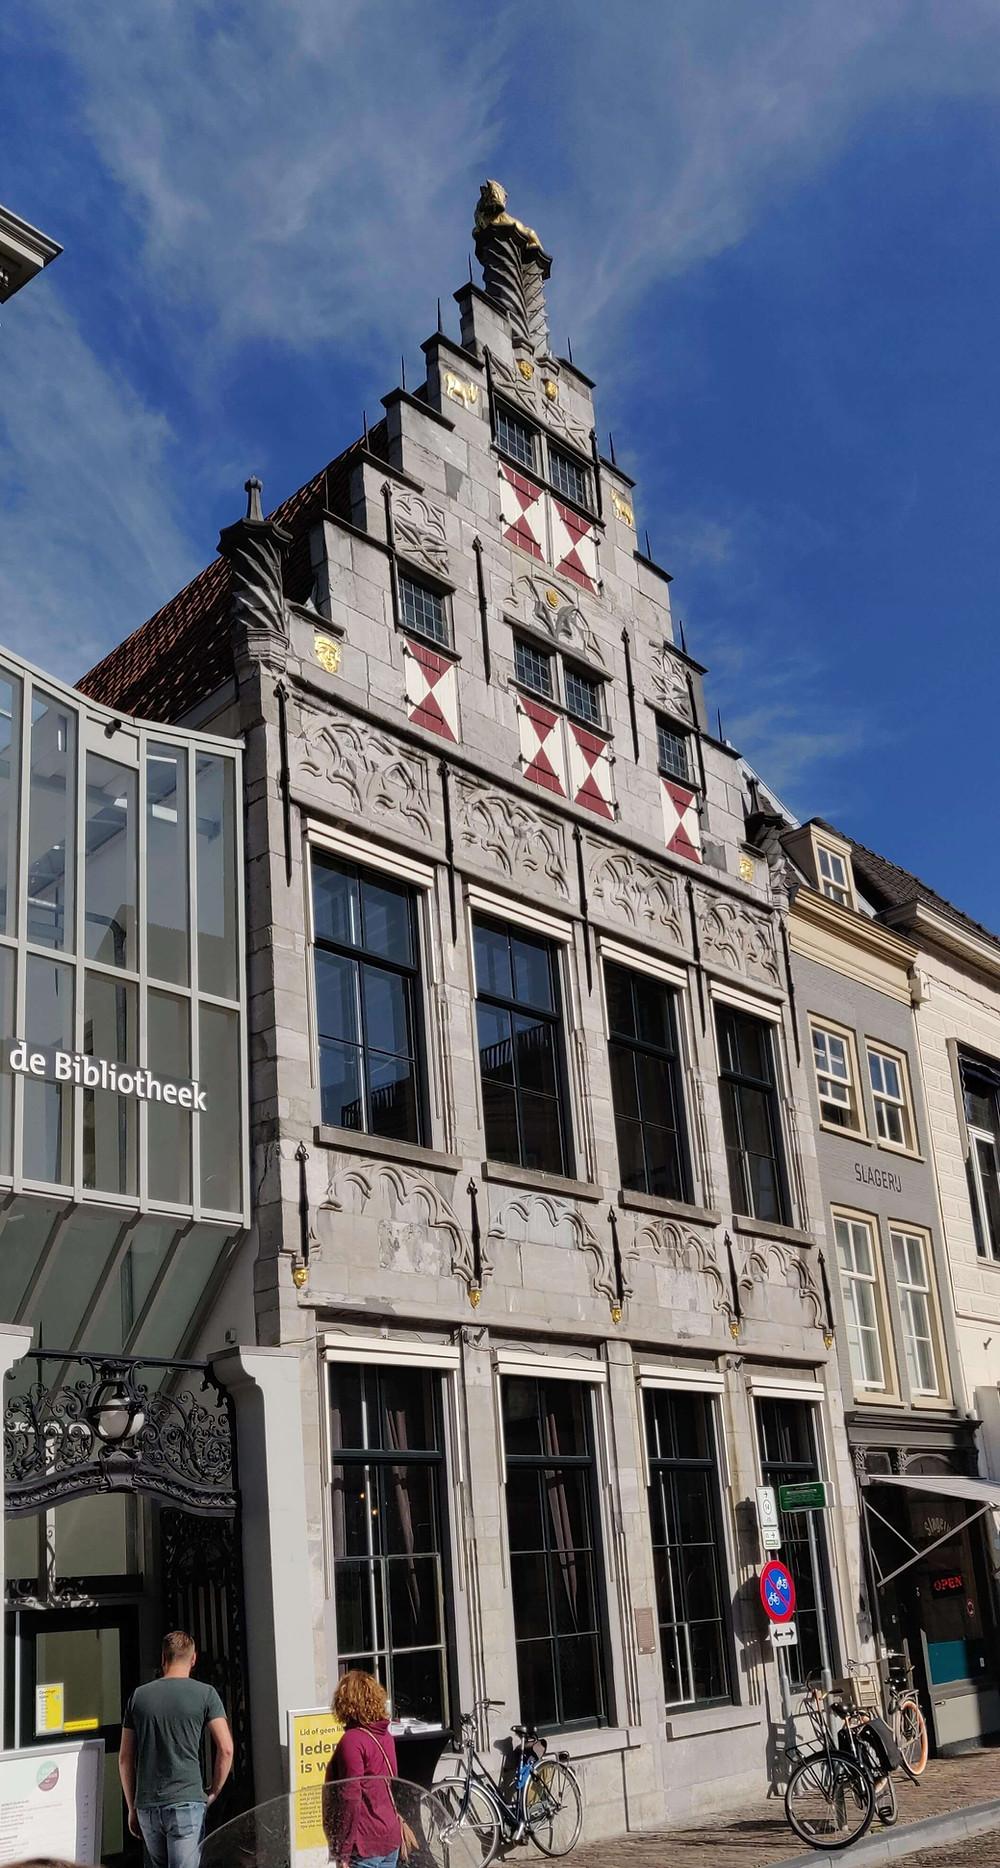 הספריה. הבניין אשר נבנה בשנת 1516 שימש בעבר כבית מסחר בבשר ושנים רבות כמסעדה.